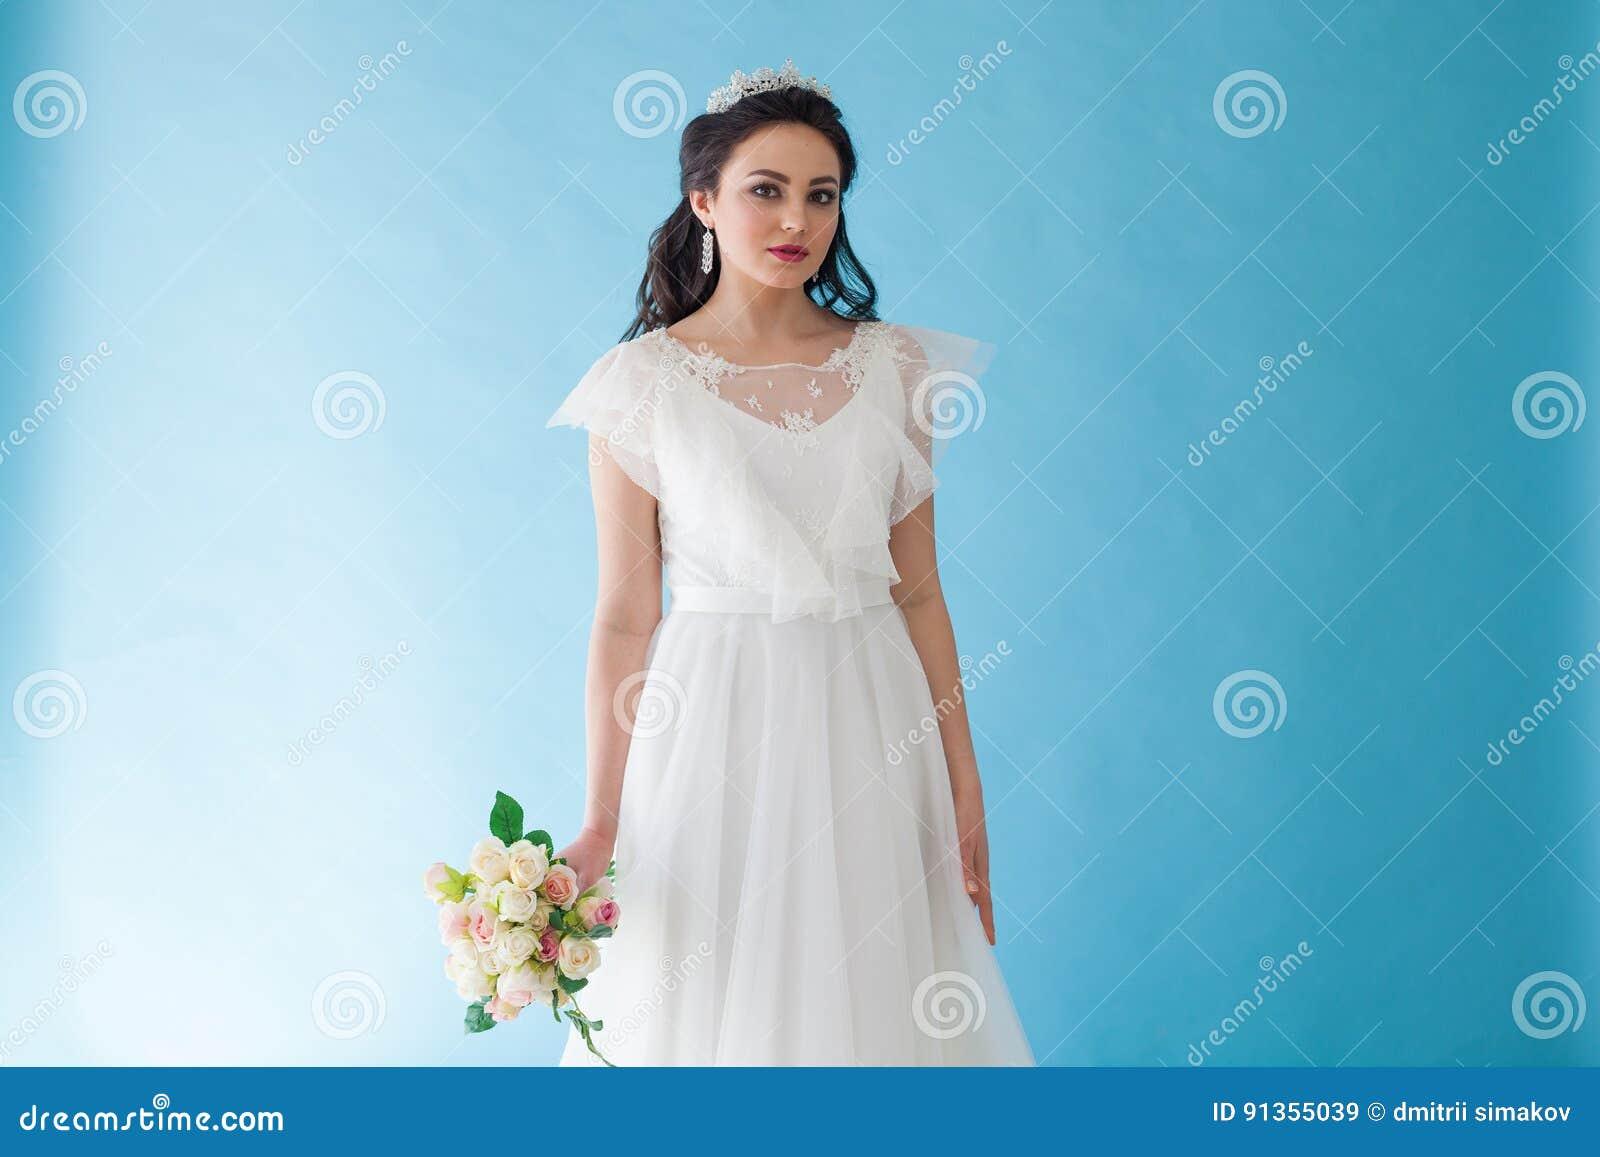 Prinzessin Bride In Einem Weißen Kleid Mit Einer Krone Auf Einem ...